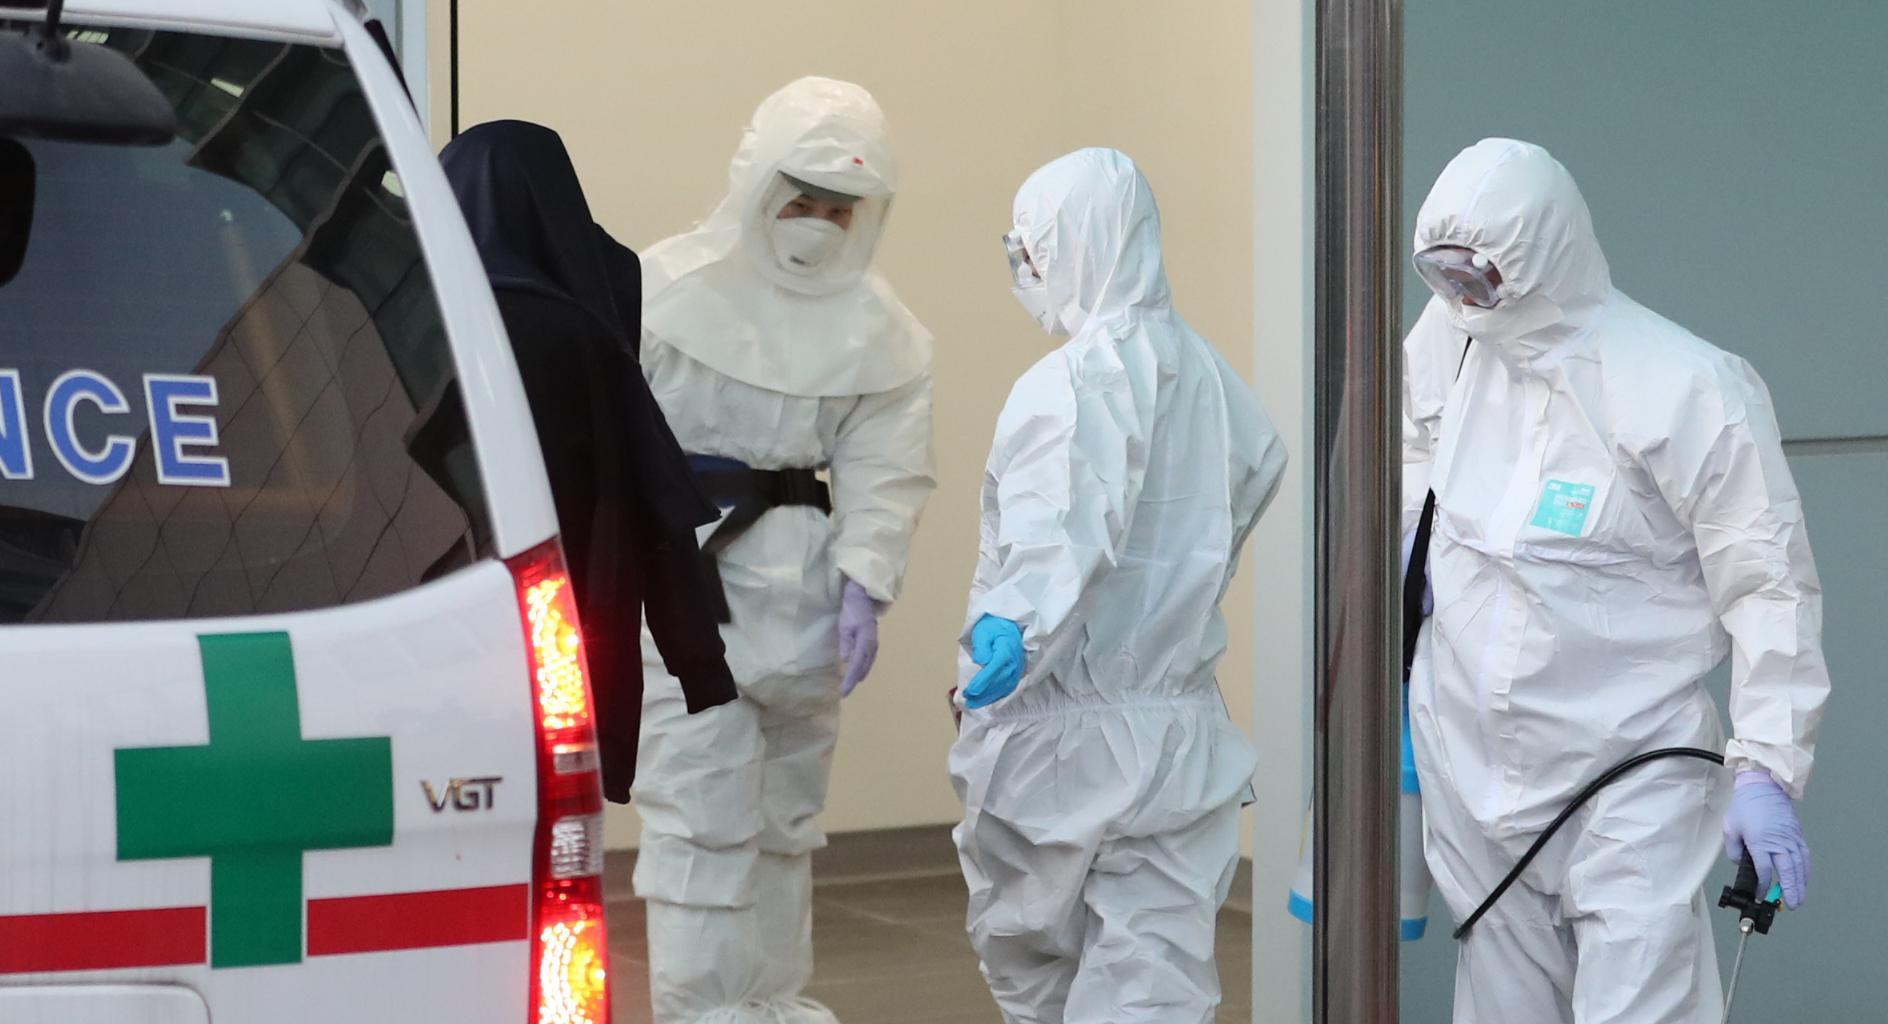 지난달 20일 코로나19 확진자가 제주대병원에 들어간 후 병원 관계자들이 방역을 하고 있다. 연합뉴스